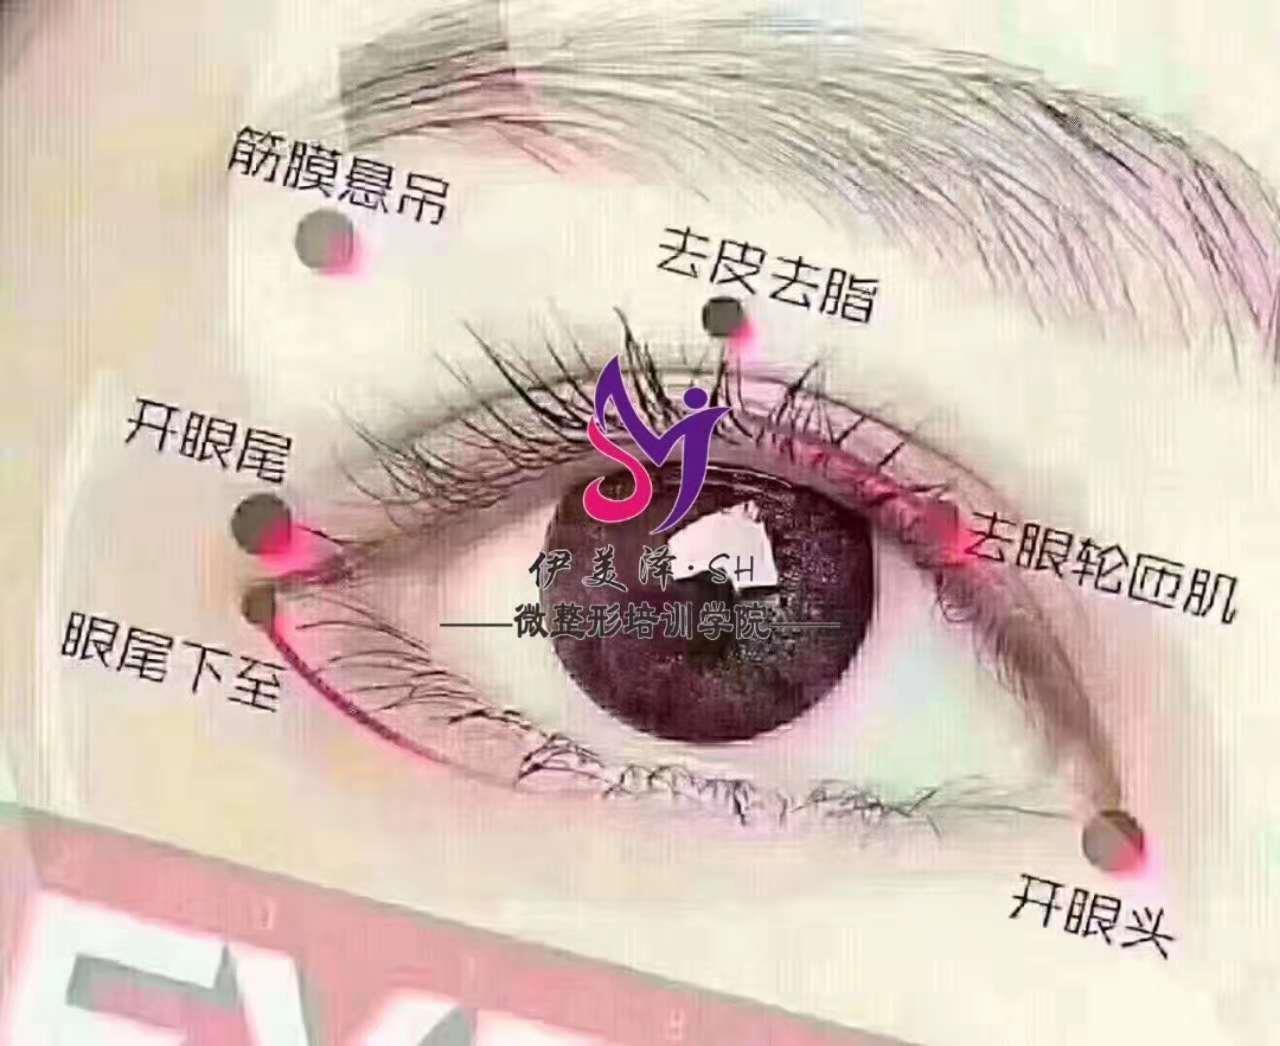 邢台零基础微整形双眼皮课程学习项目